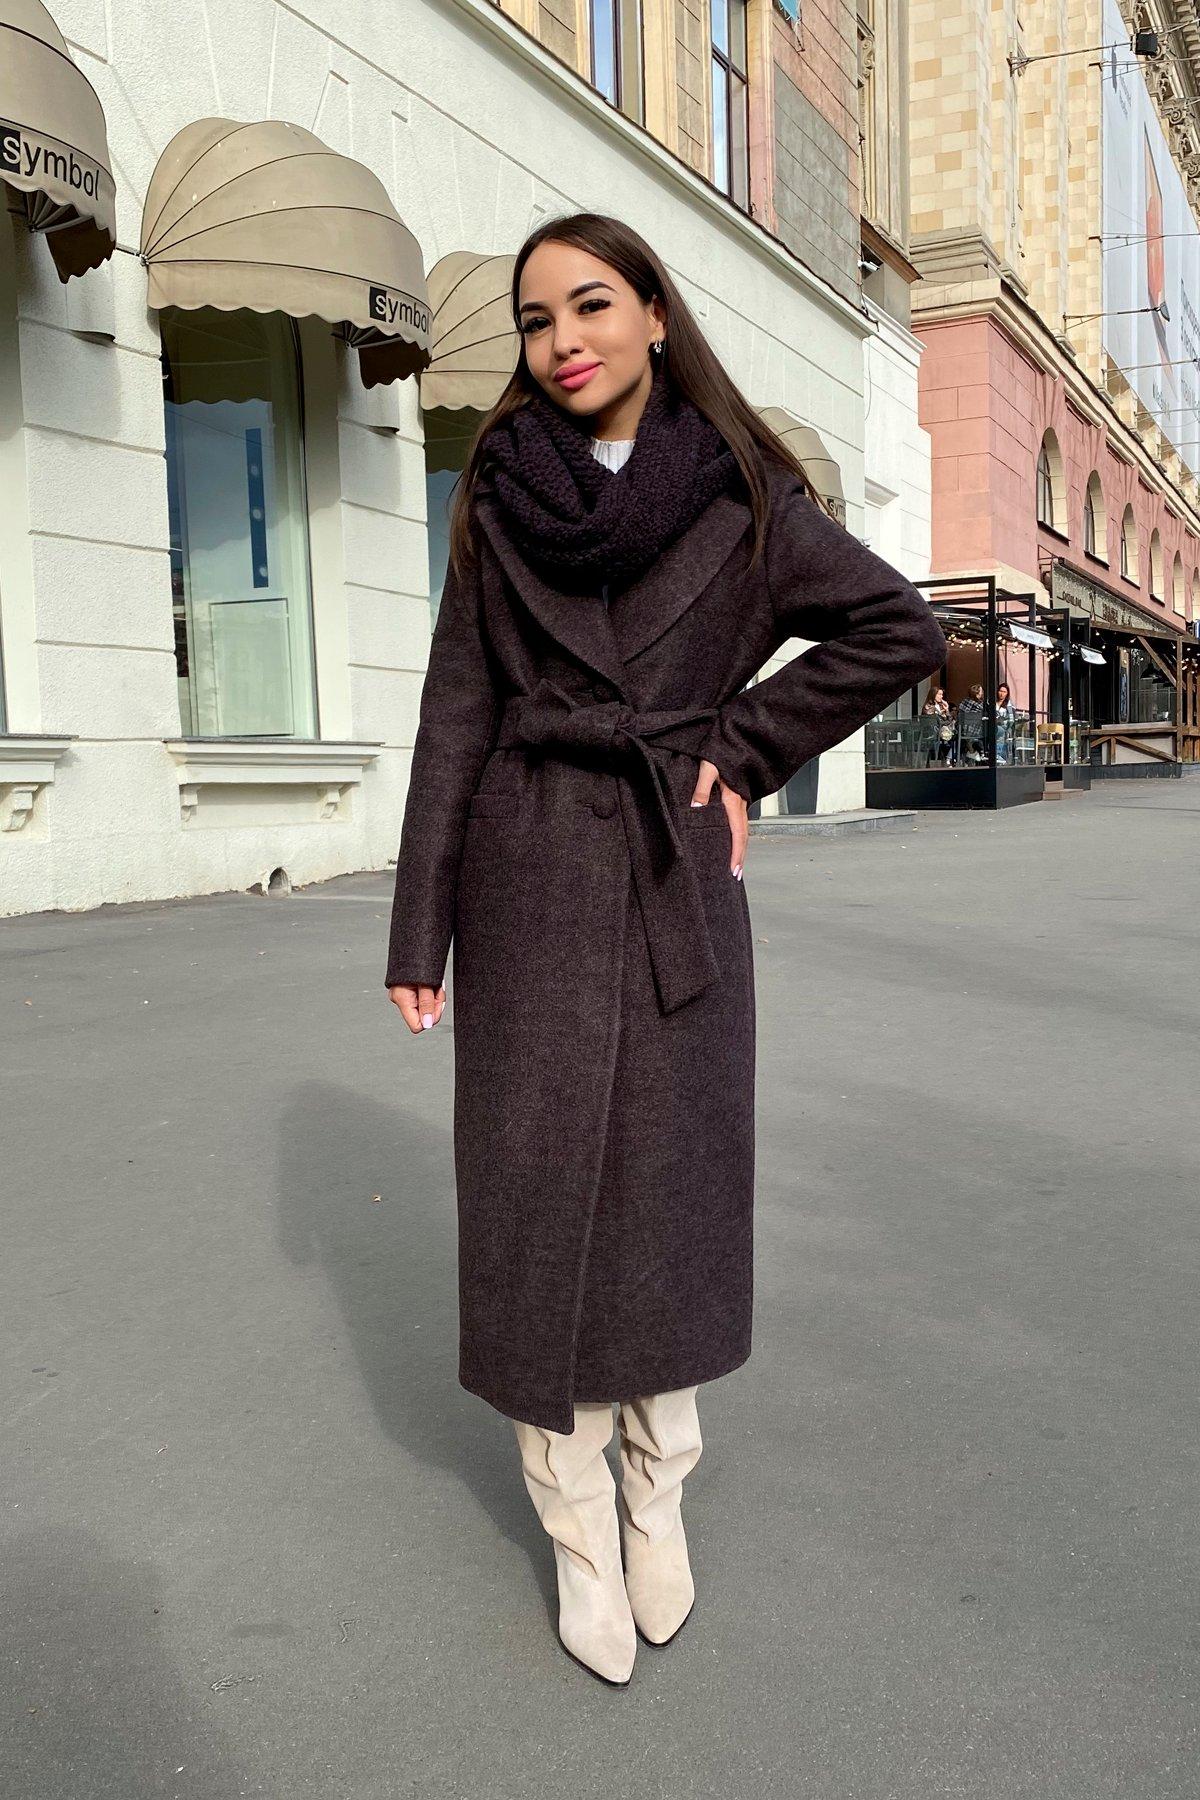 Длинное пальто зима Вива макси 8341 АРТ. 44495 Цвет: Шоколад 7 - фото 15, интернет магазин tm-modus.ru